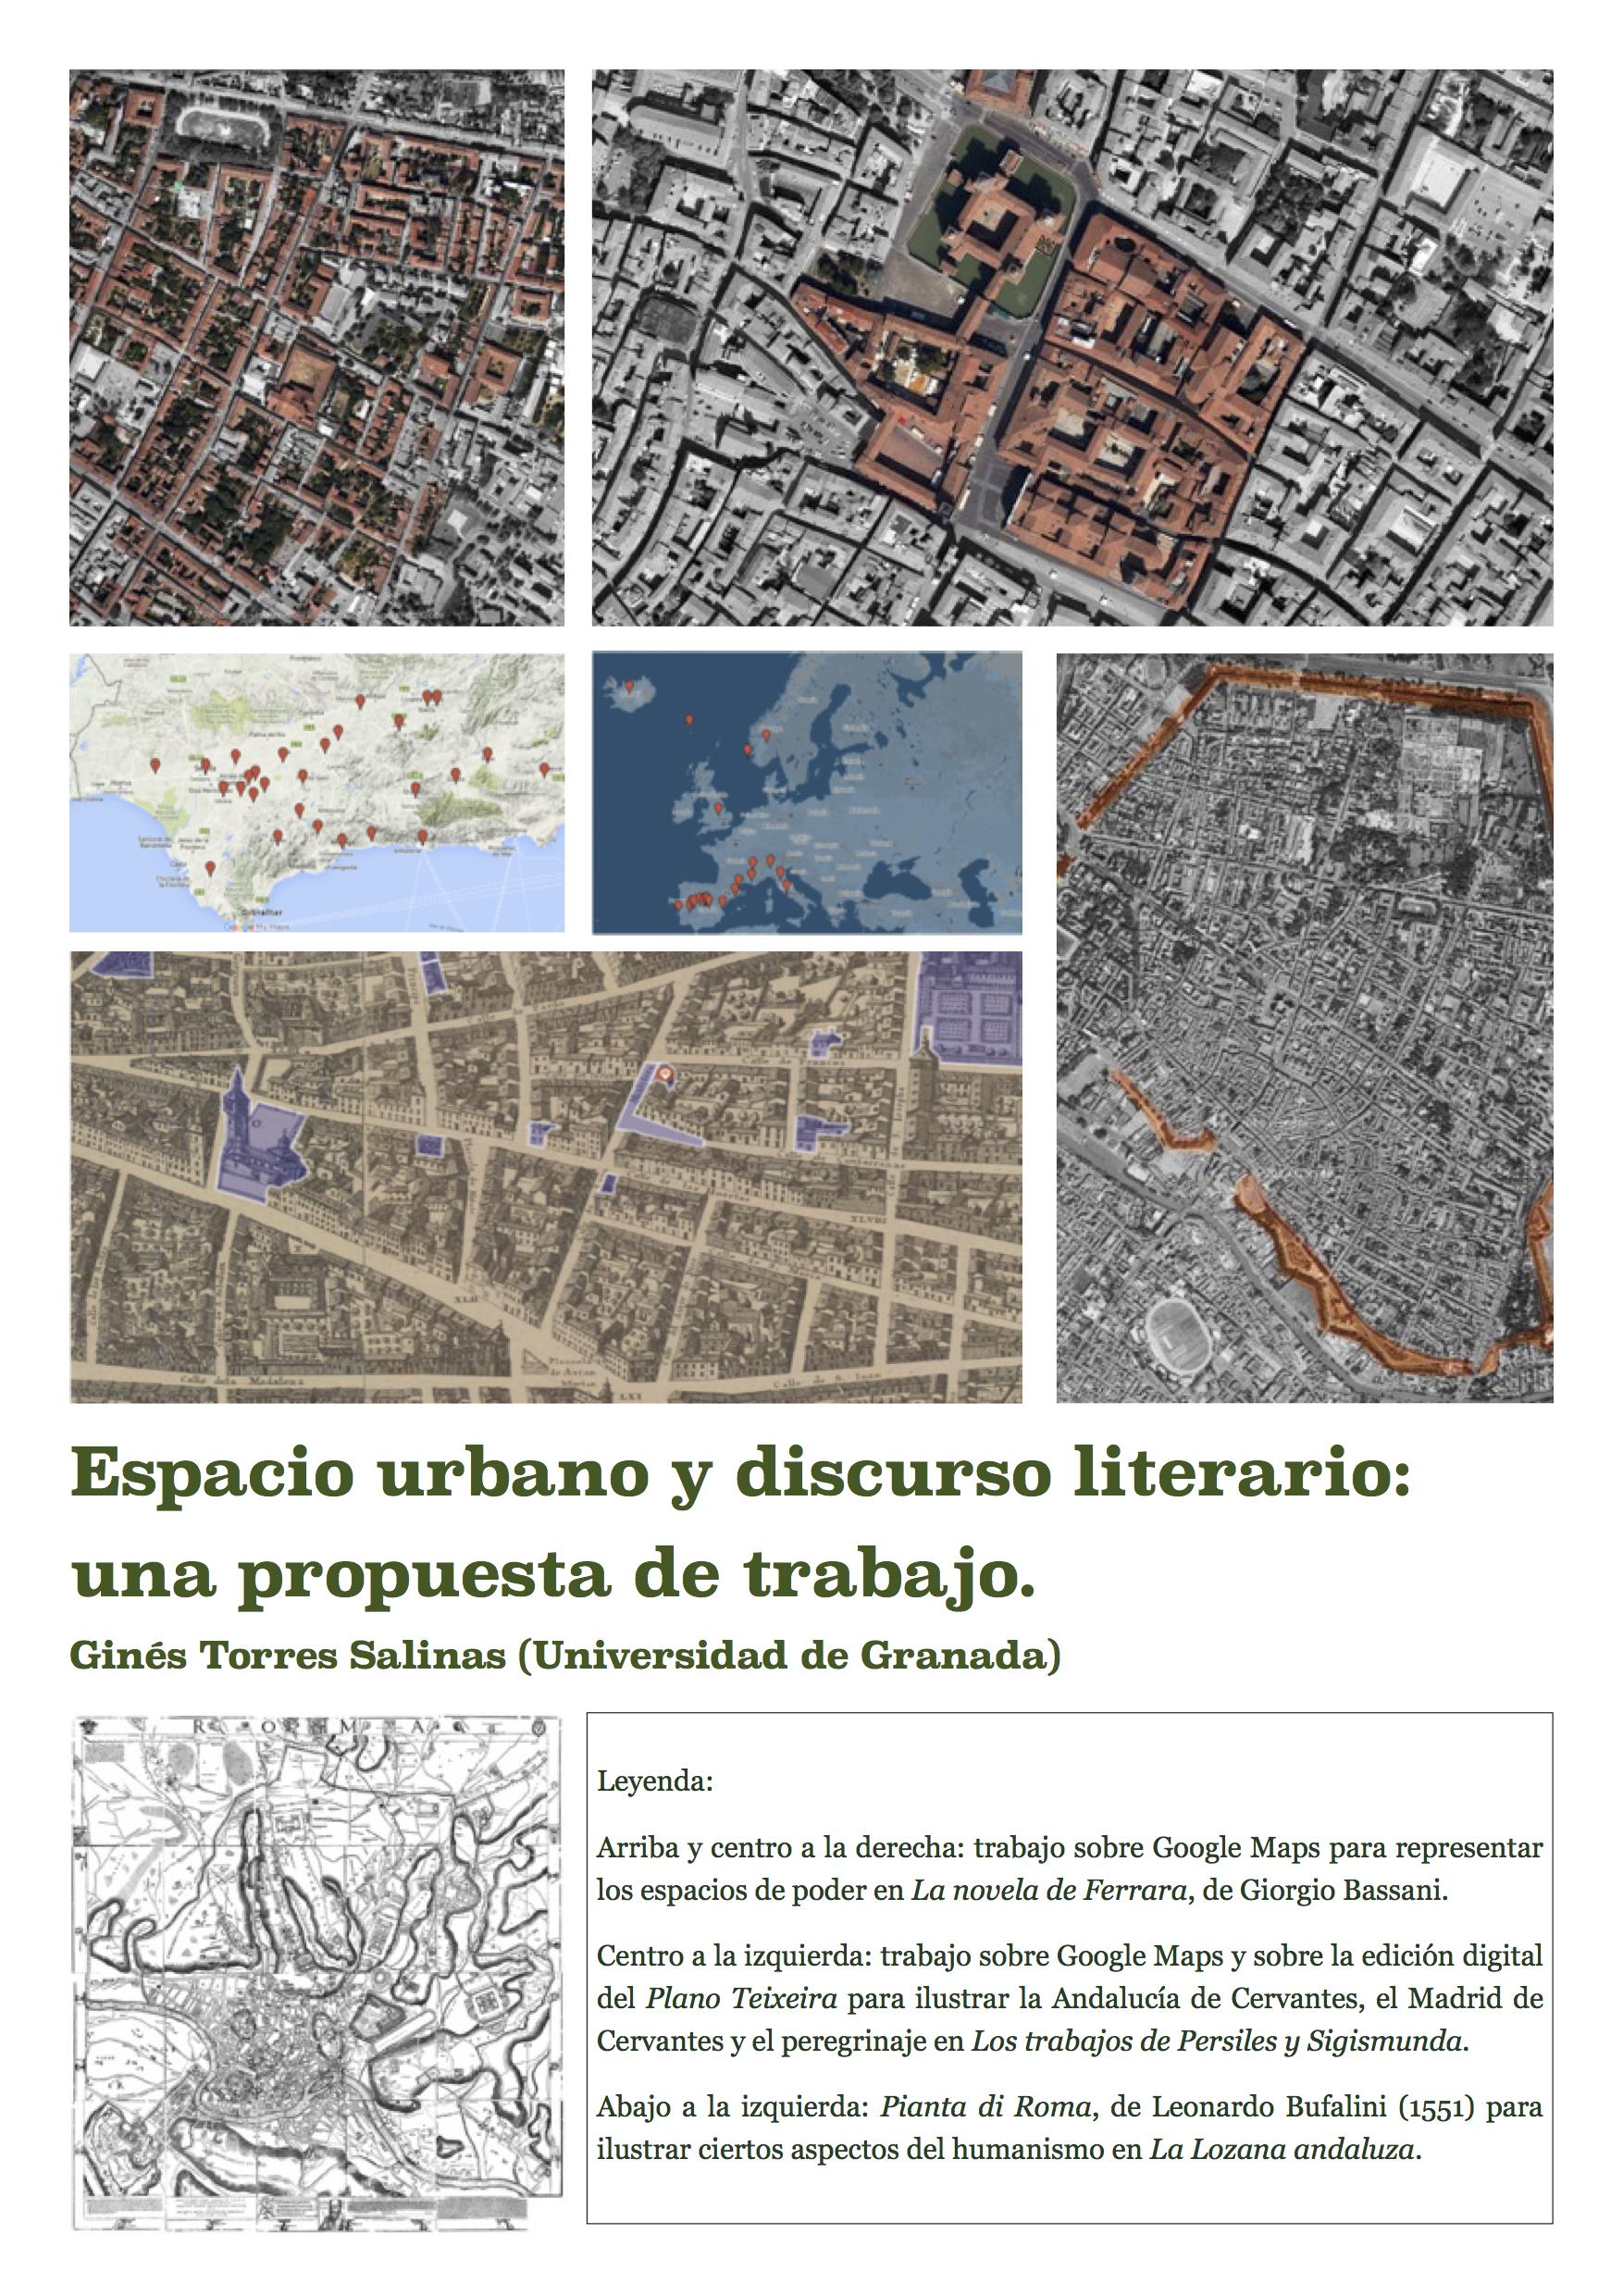 Espacio urbano y discurso literario. Una propuesta de trabajo